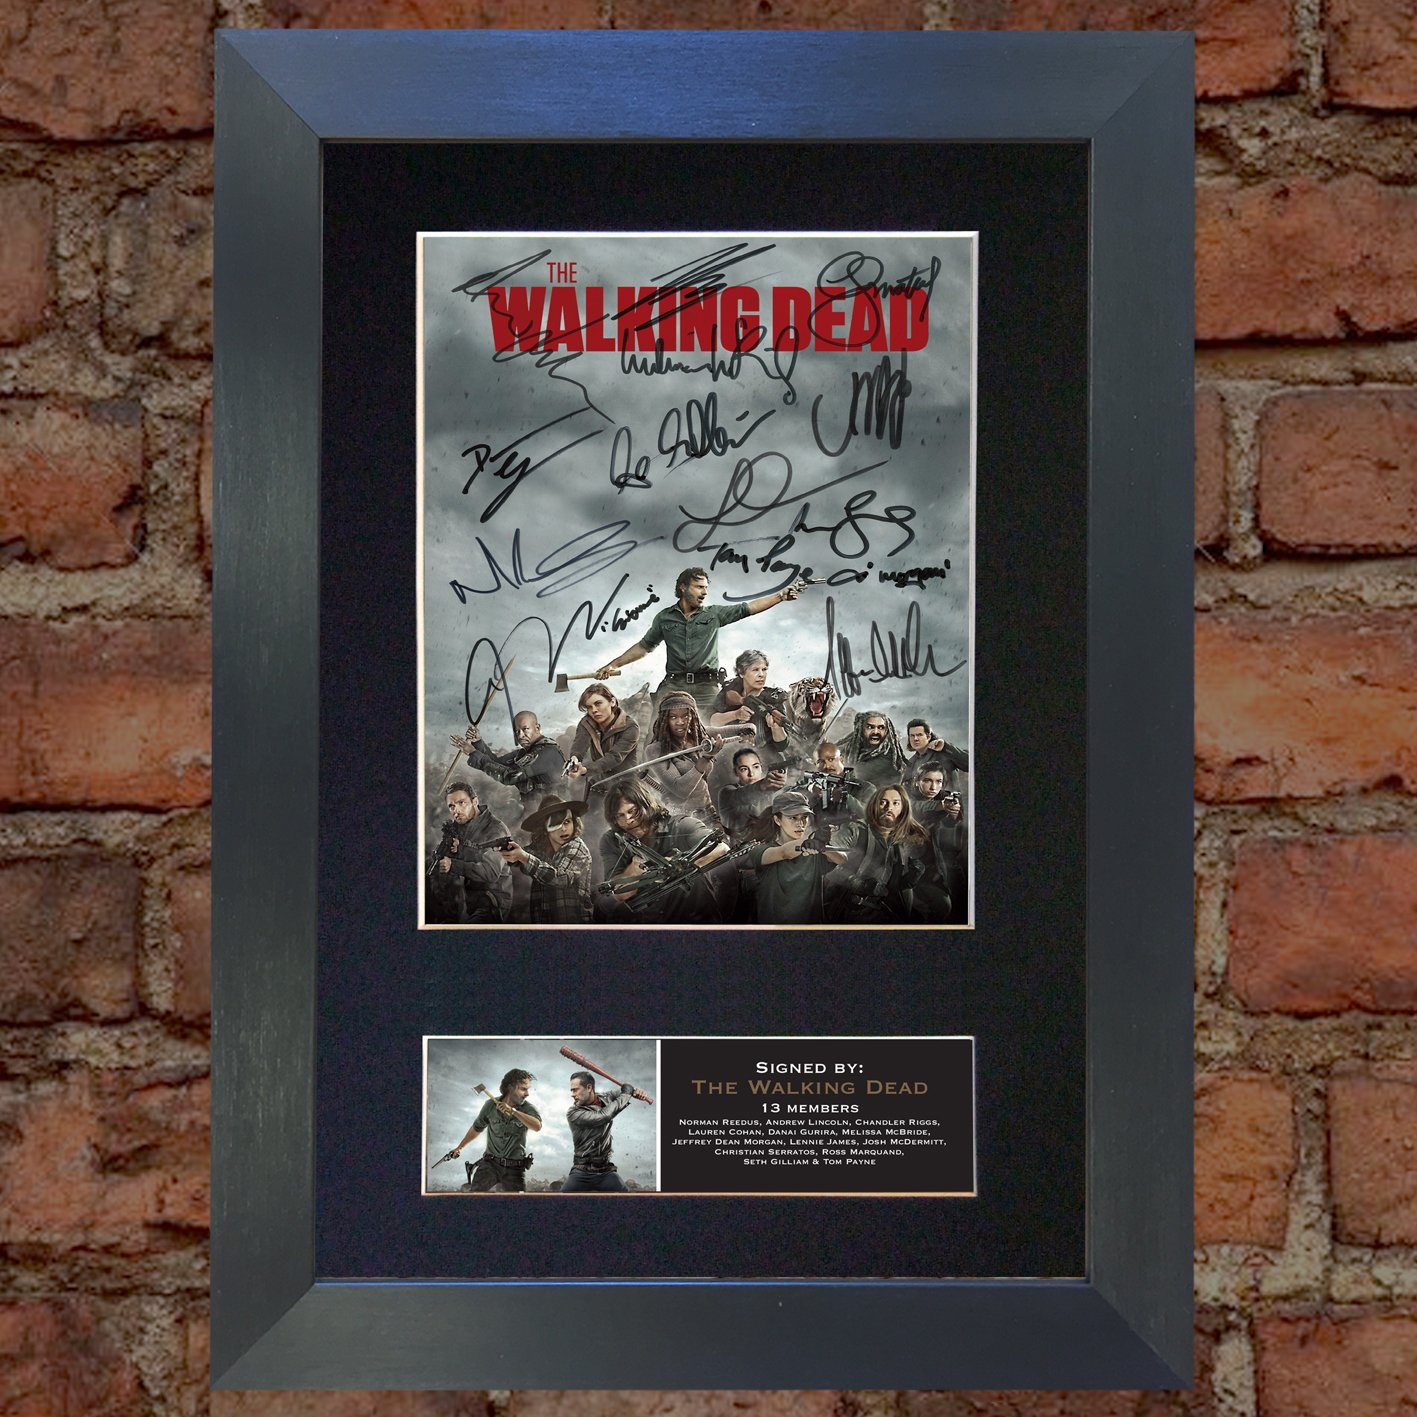 Uve Been Framed U 5e Encadr/ée 724/The Walking Dead No2/Top Qualit/é Photo Montage Reproduction D/édicac/ée A4/Rare Parfait Anniversaire Cadeau de No/ël 297 x 210mm 210/x 297/mm A4 12 x 8